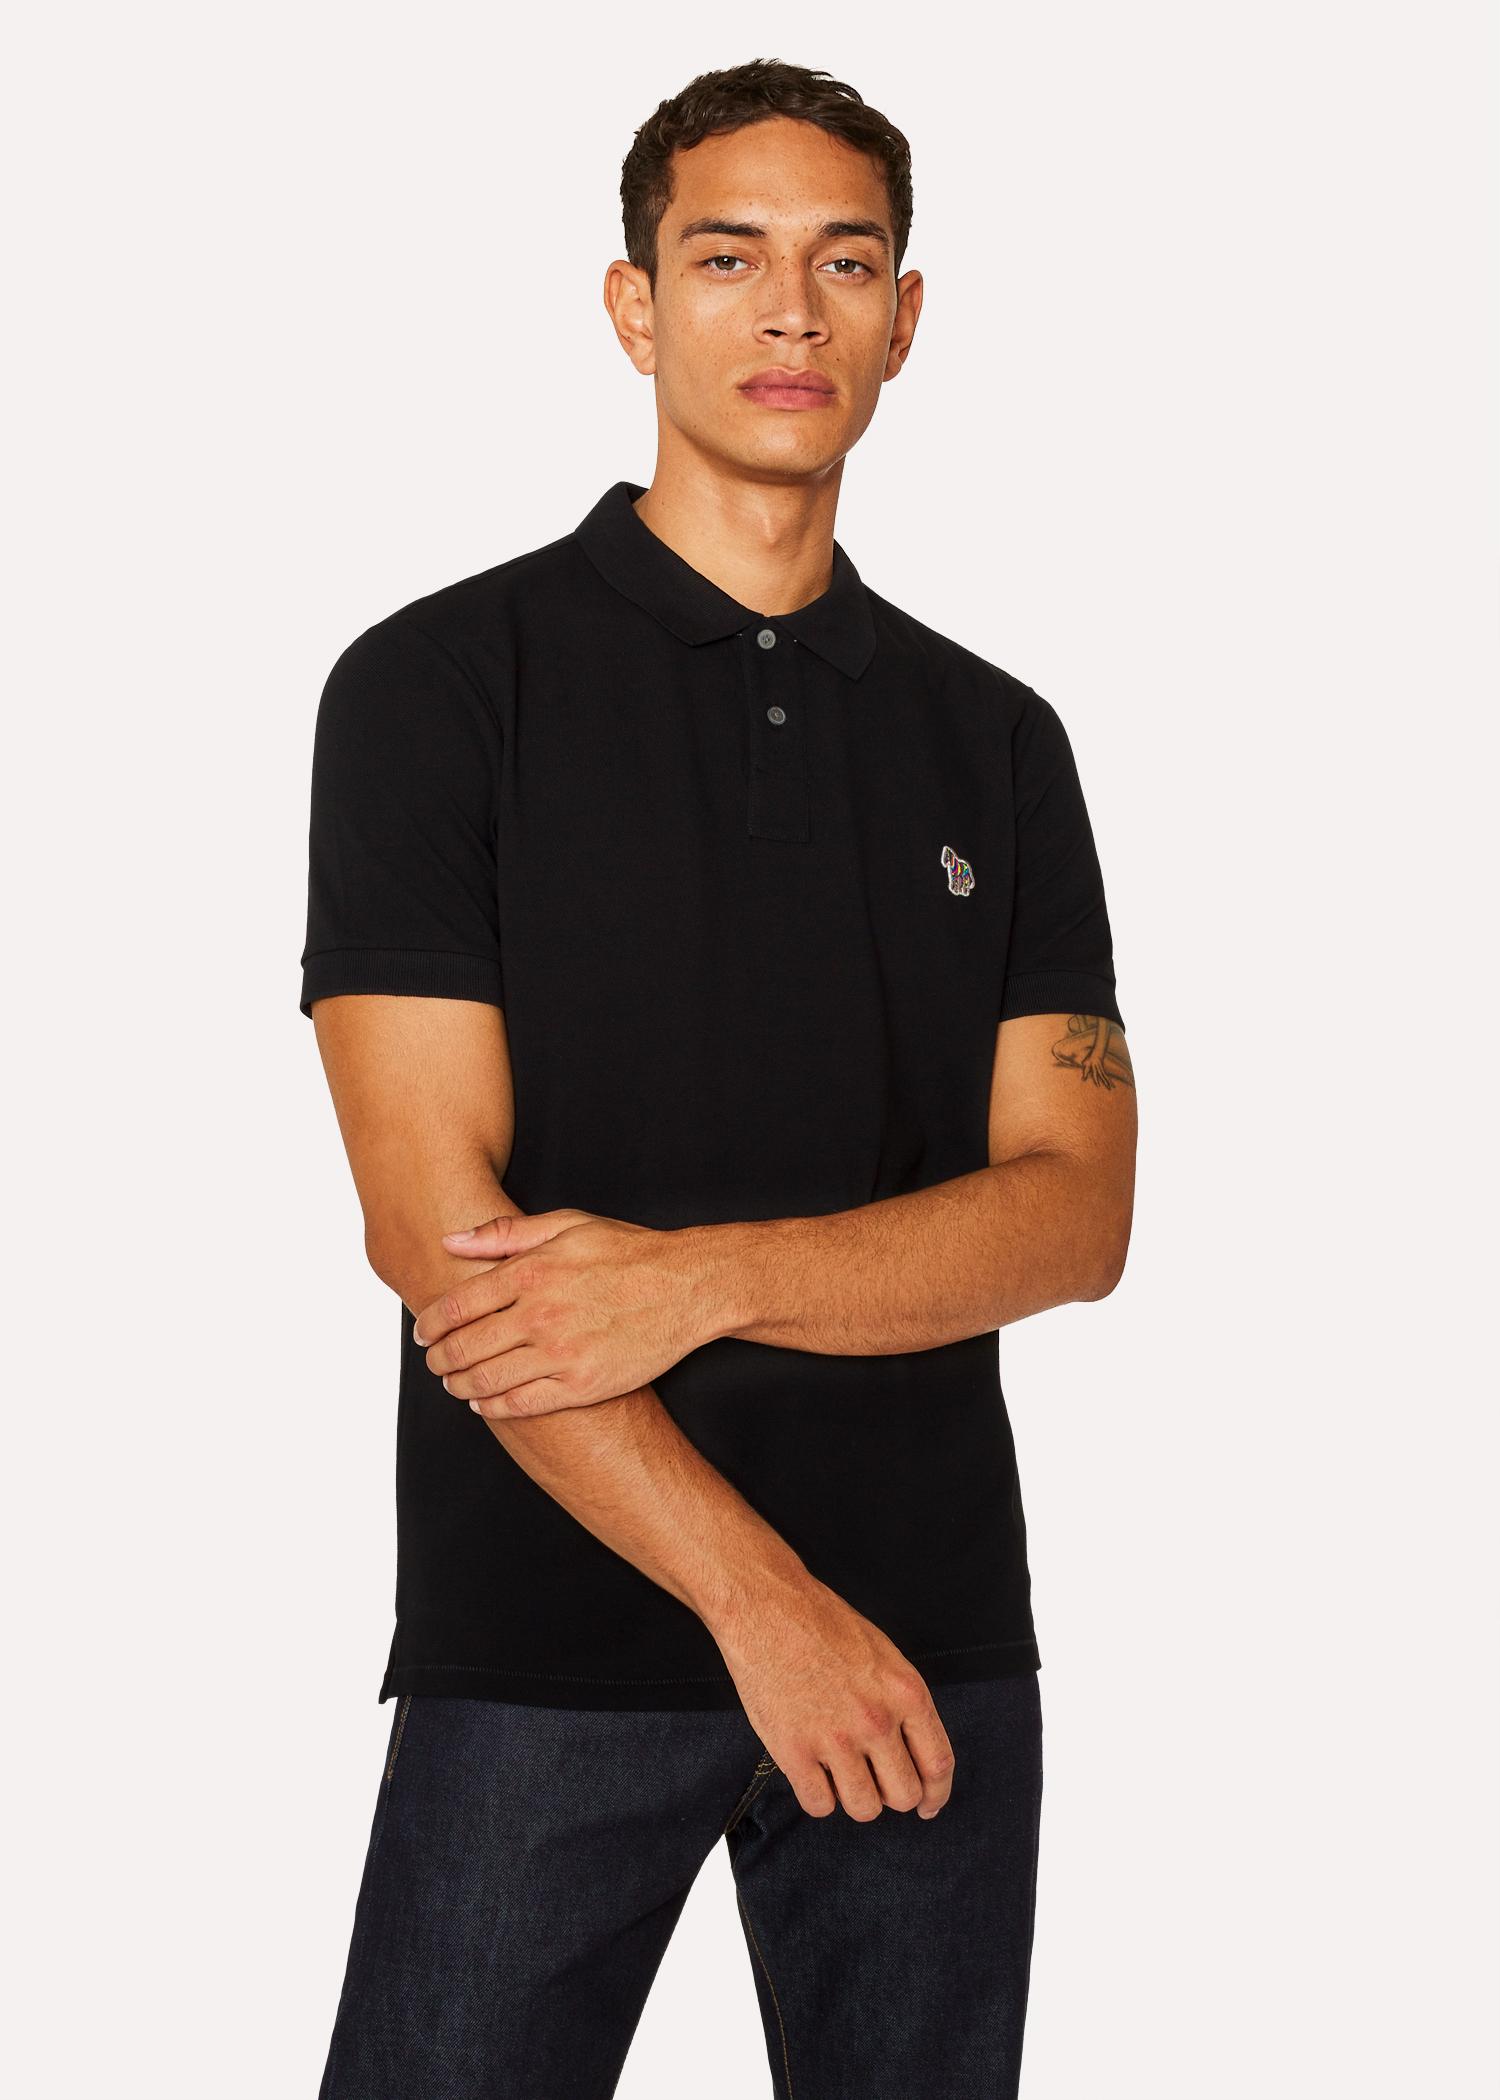 c8ee351976fa9 Men's Black Cotton-Piqué Zebra Logo Polo Shirt